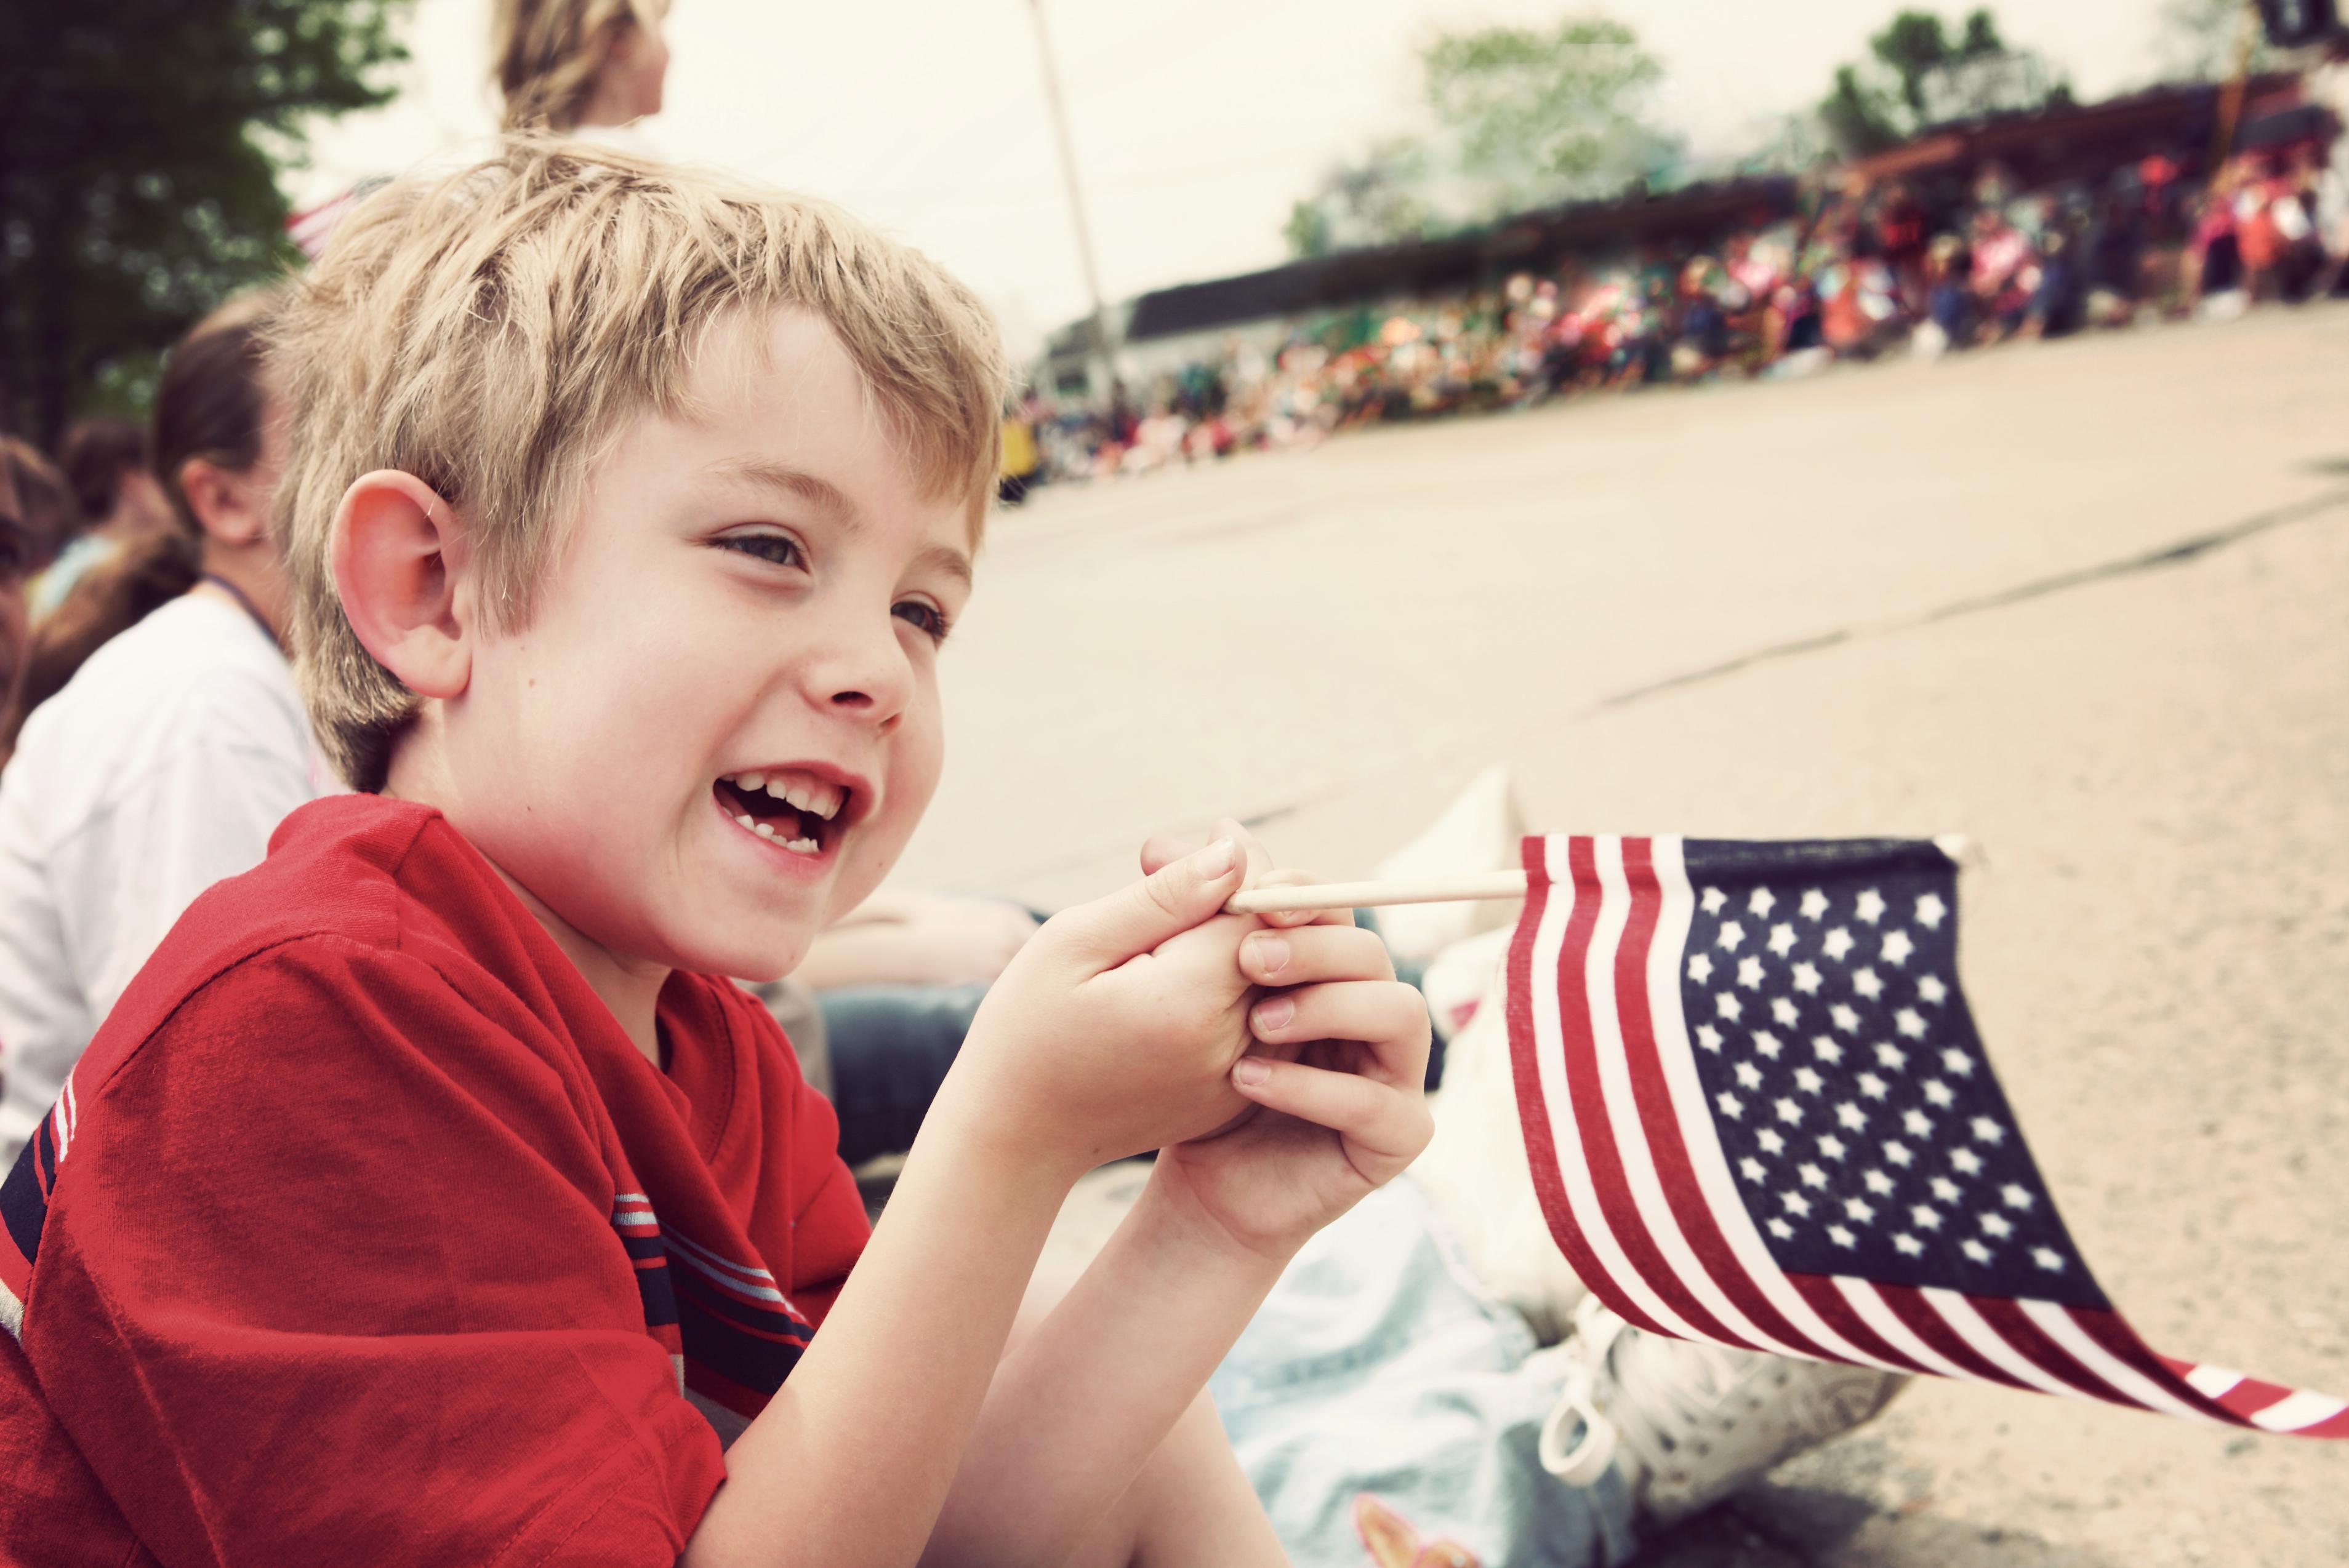 boy waving flag